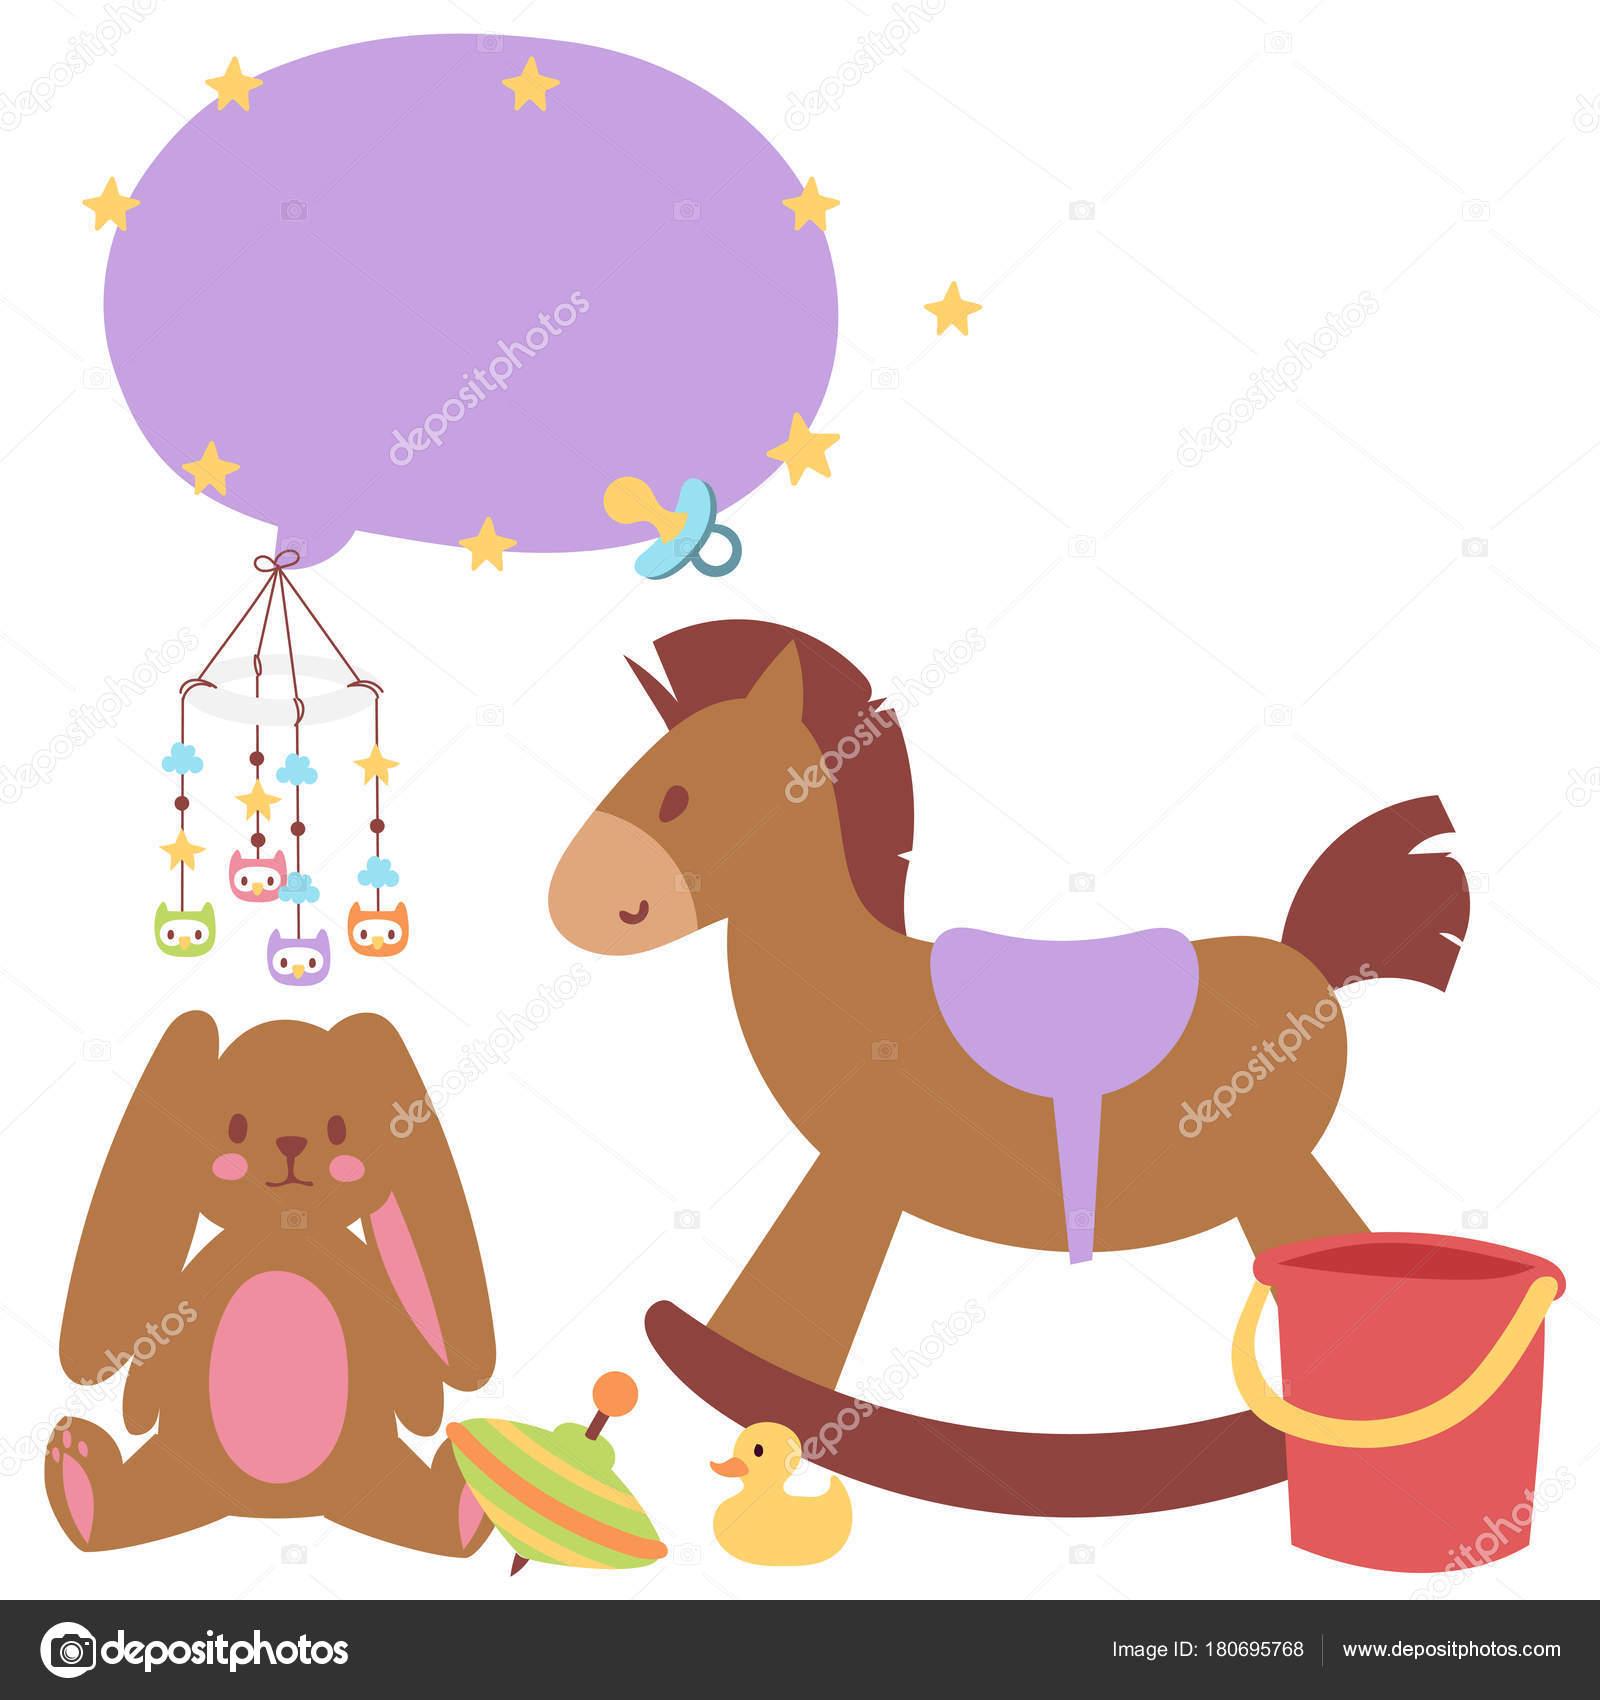 35baabd51f0966 Icônes de jouets bébé cartoon design de magasin de jouets enfant famille  mignon garçon et fille l enfance art diaper dessin graphique amour hochet  amusant ...